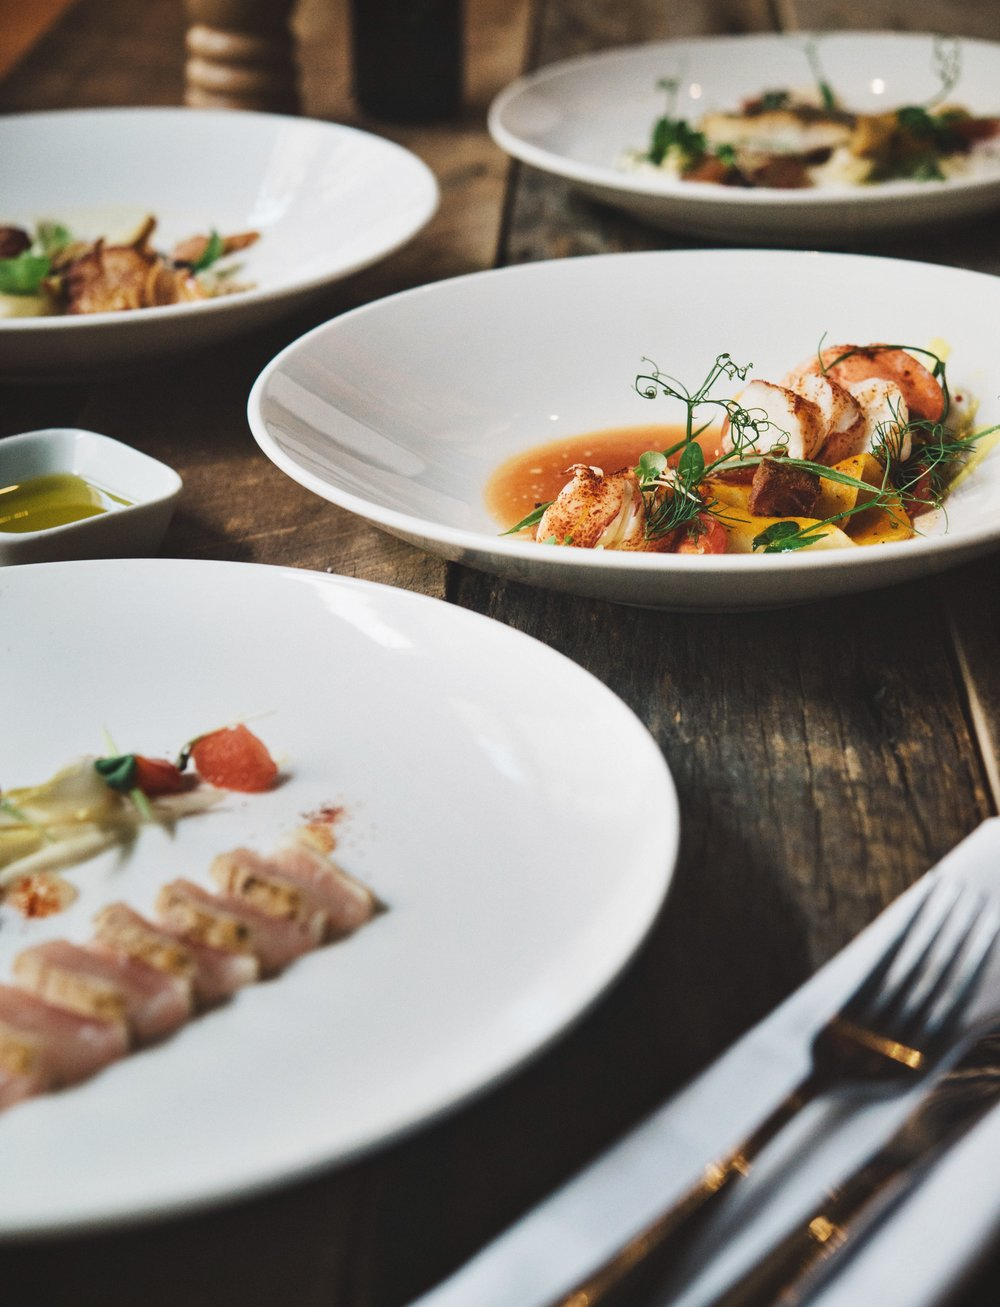 Best Greek Food in Montreal, Best Greek Restaurant in Montreal, Best seafood in Montreal..Meilleure nourriture grecque à Montréal, meilleur restaurant grec à Montréal, Meilleur fruits de mer à Montréal